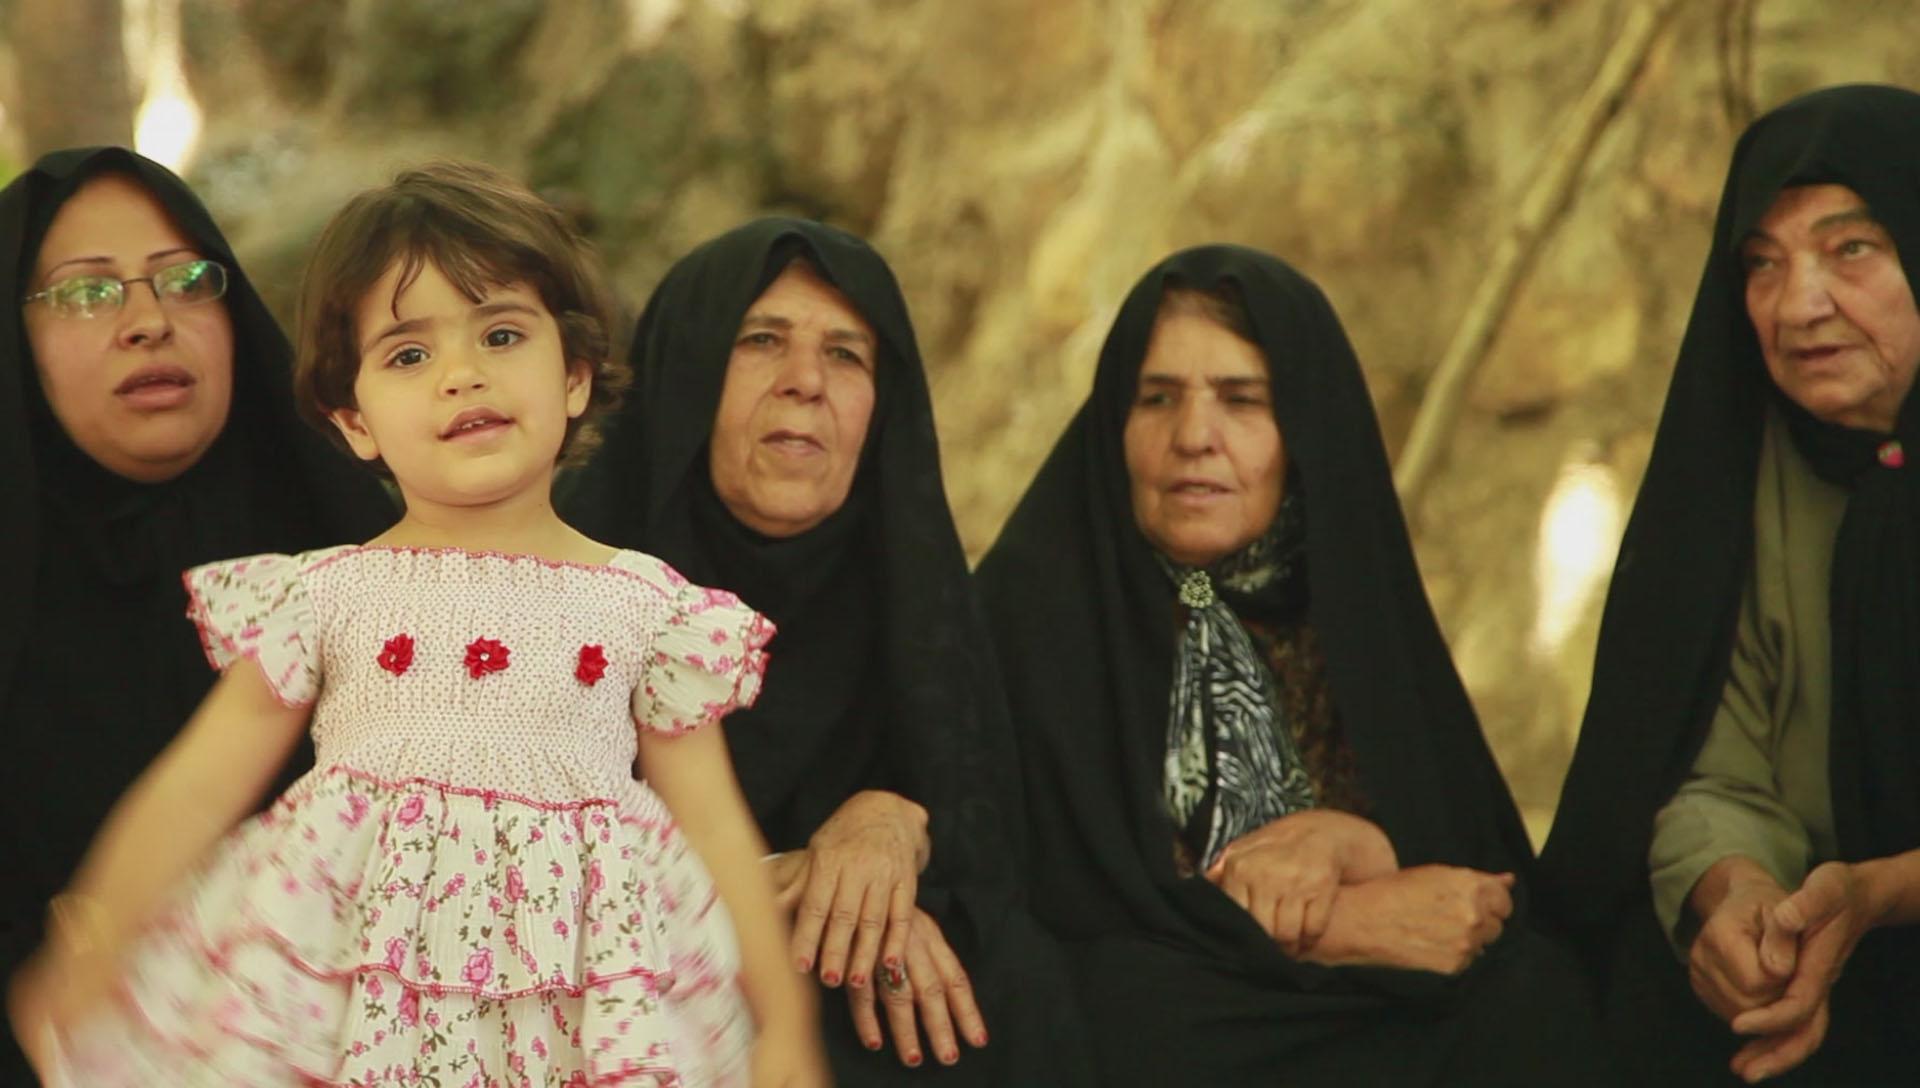 واسونک 003 - شرکت فیلم سازی زوم شیراز برادران شریفی